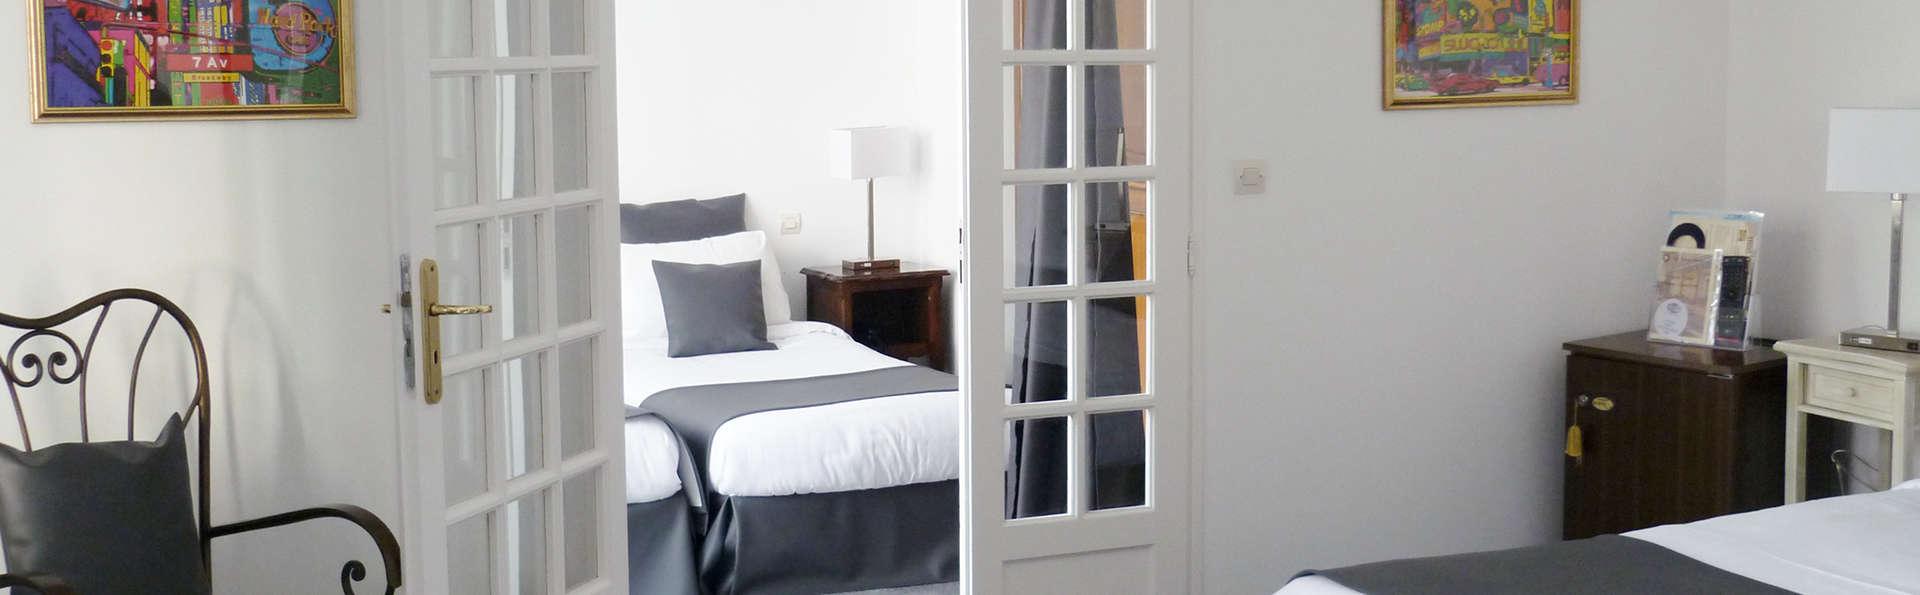 The Originals Boutique, Hôtel Clos Sainte Marie, Nevers (Inter-Hotel) - EDIT_NEW_Suite.jpg